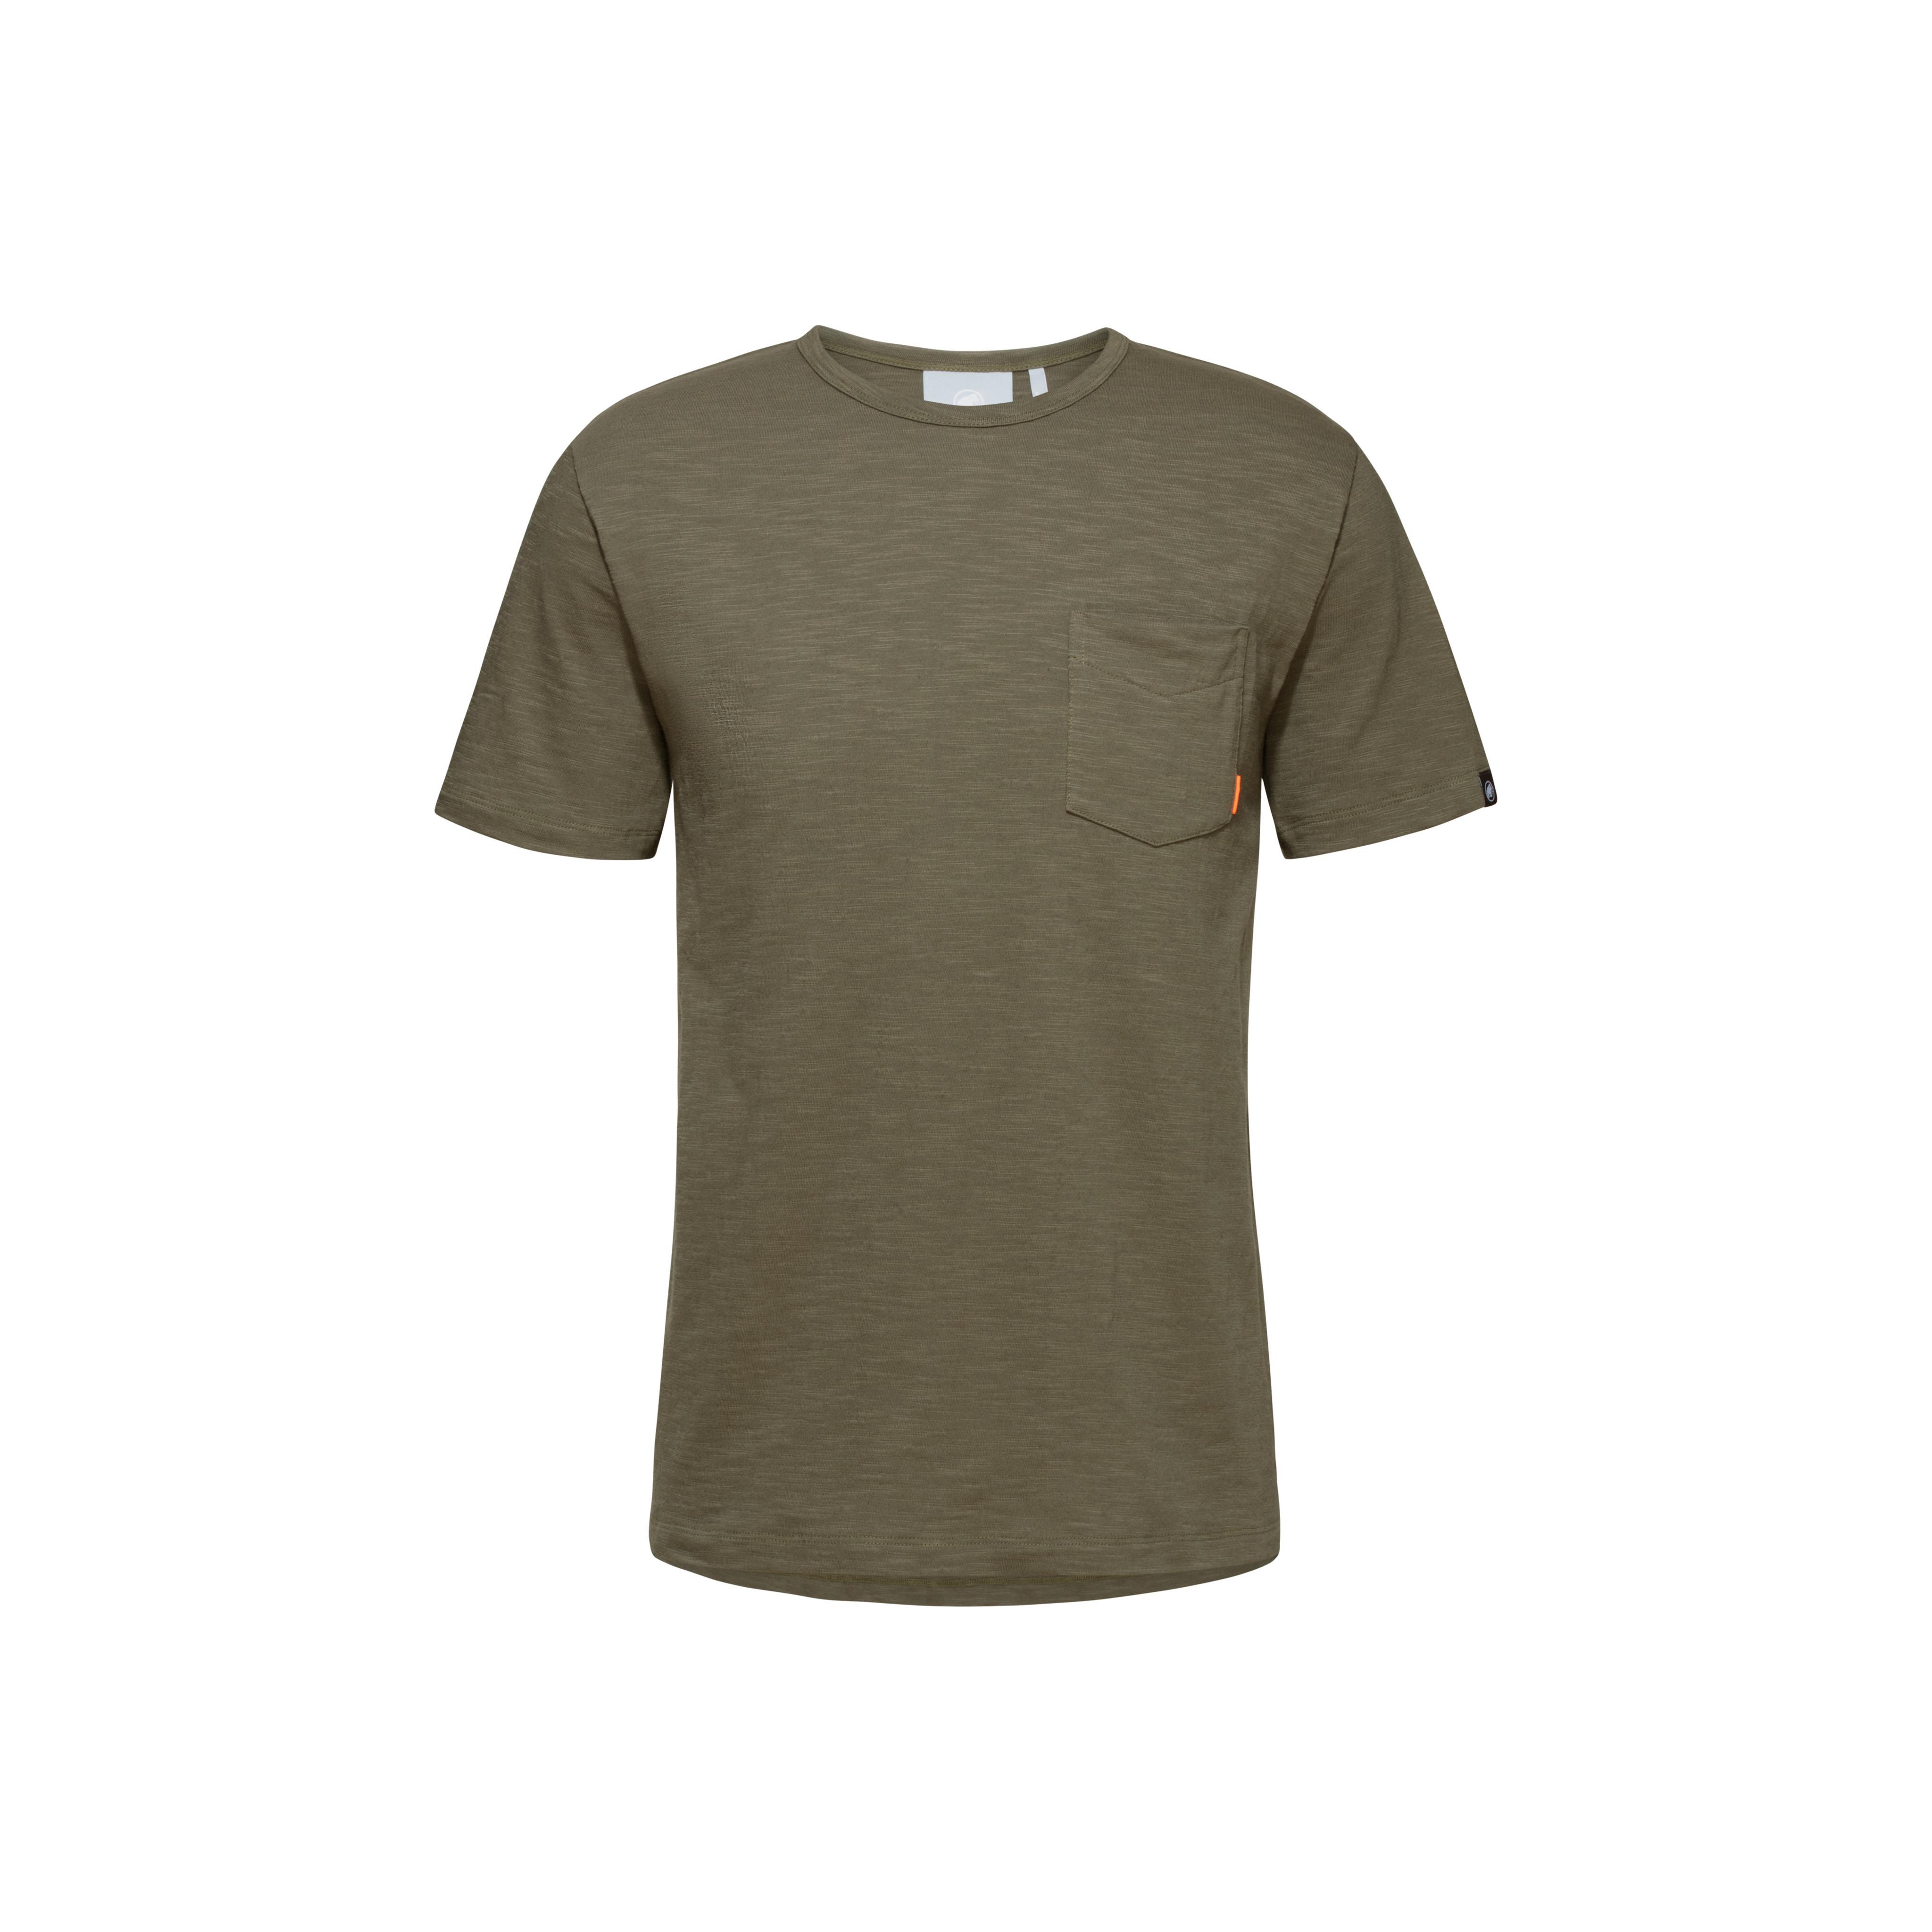 Mammut Pocket T-Shirt Men - iguana, S thumbnail